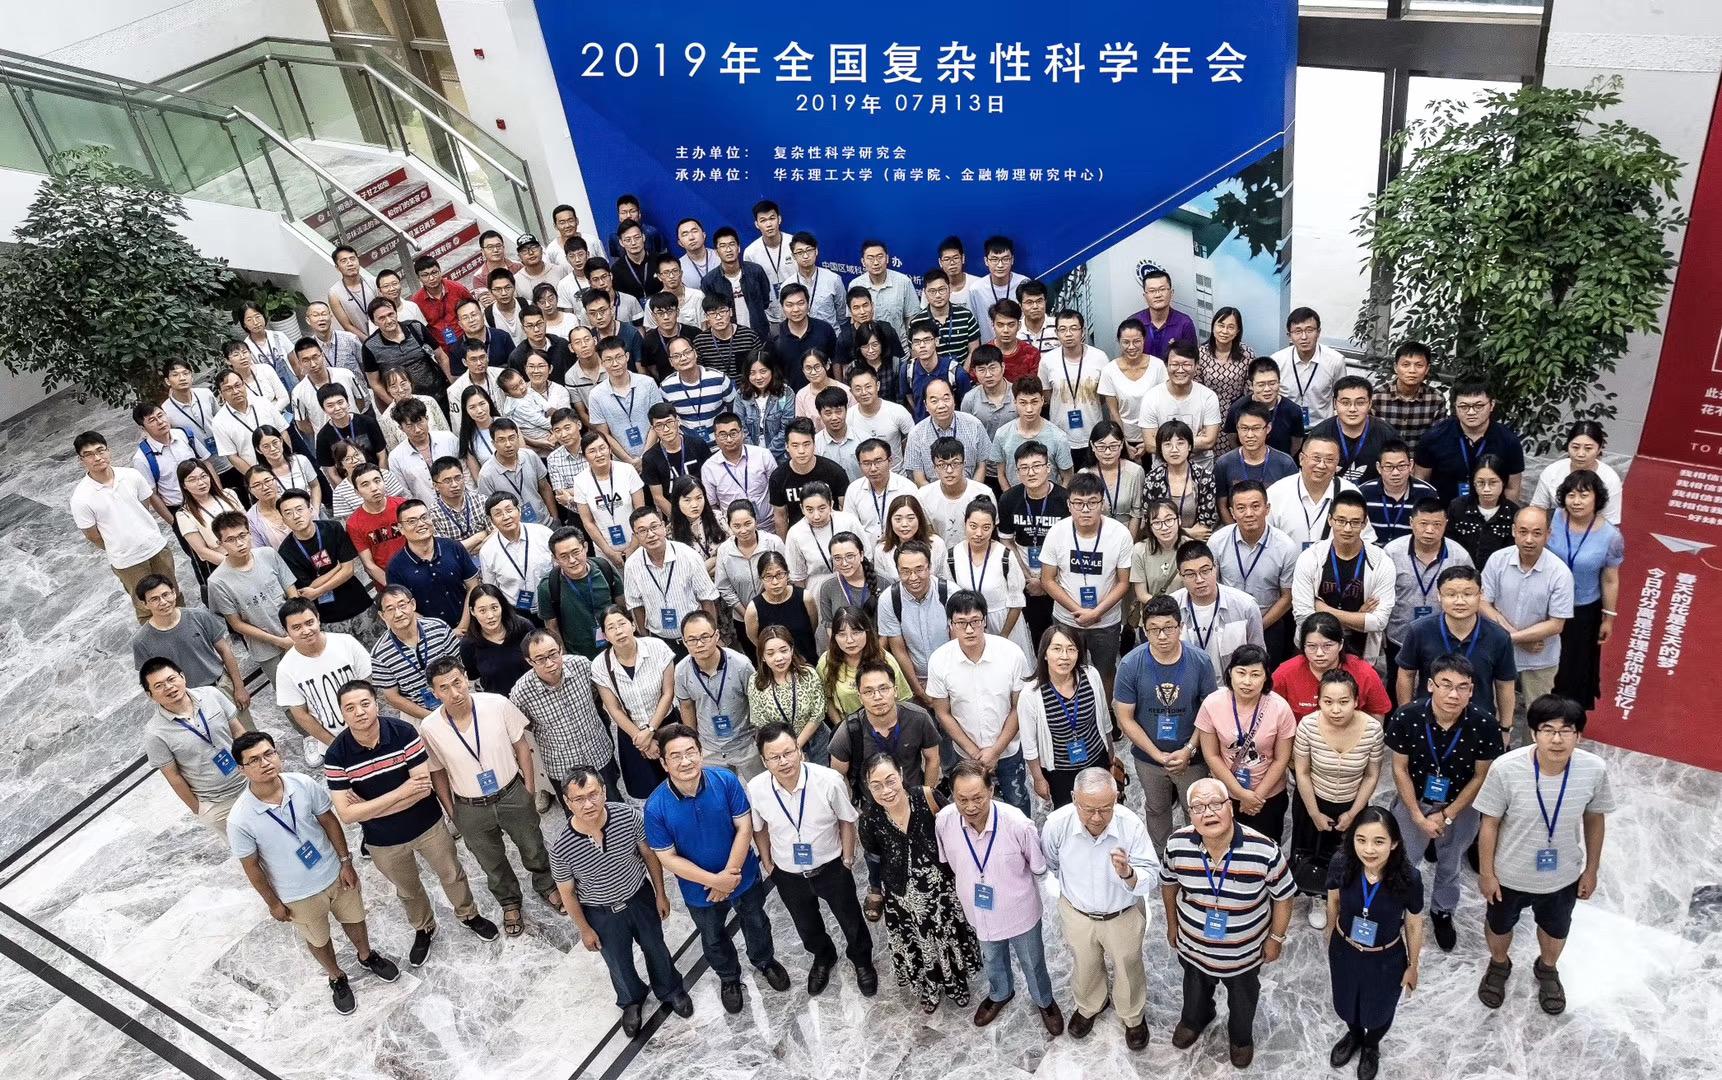 微信图片_2019复杂性科学年会合影.jpg